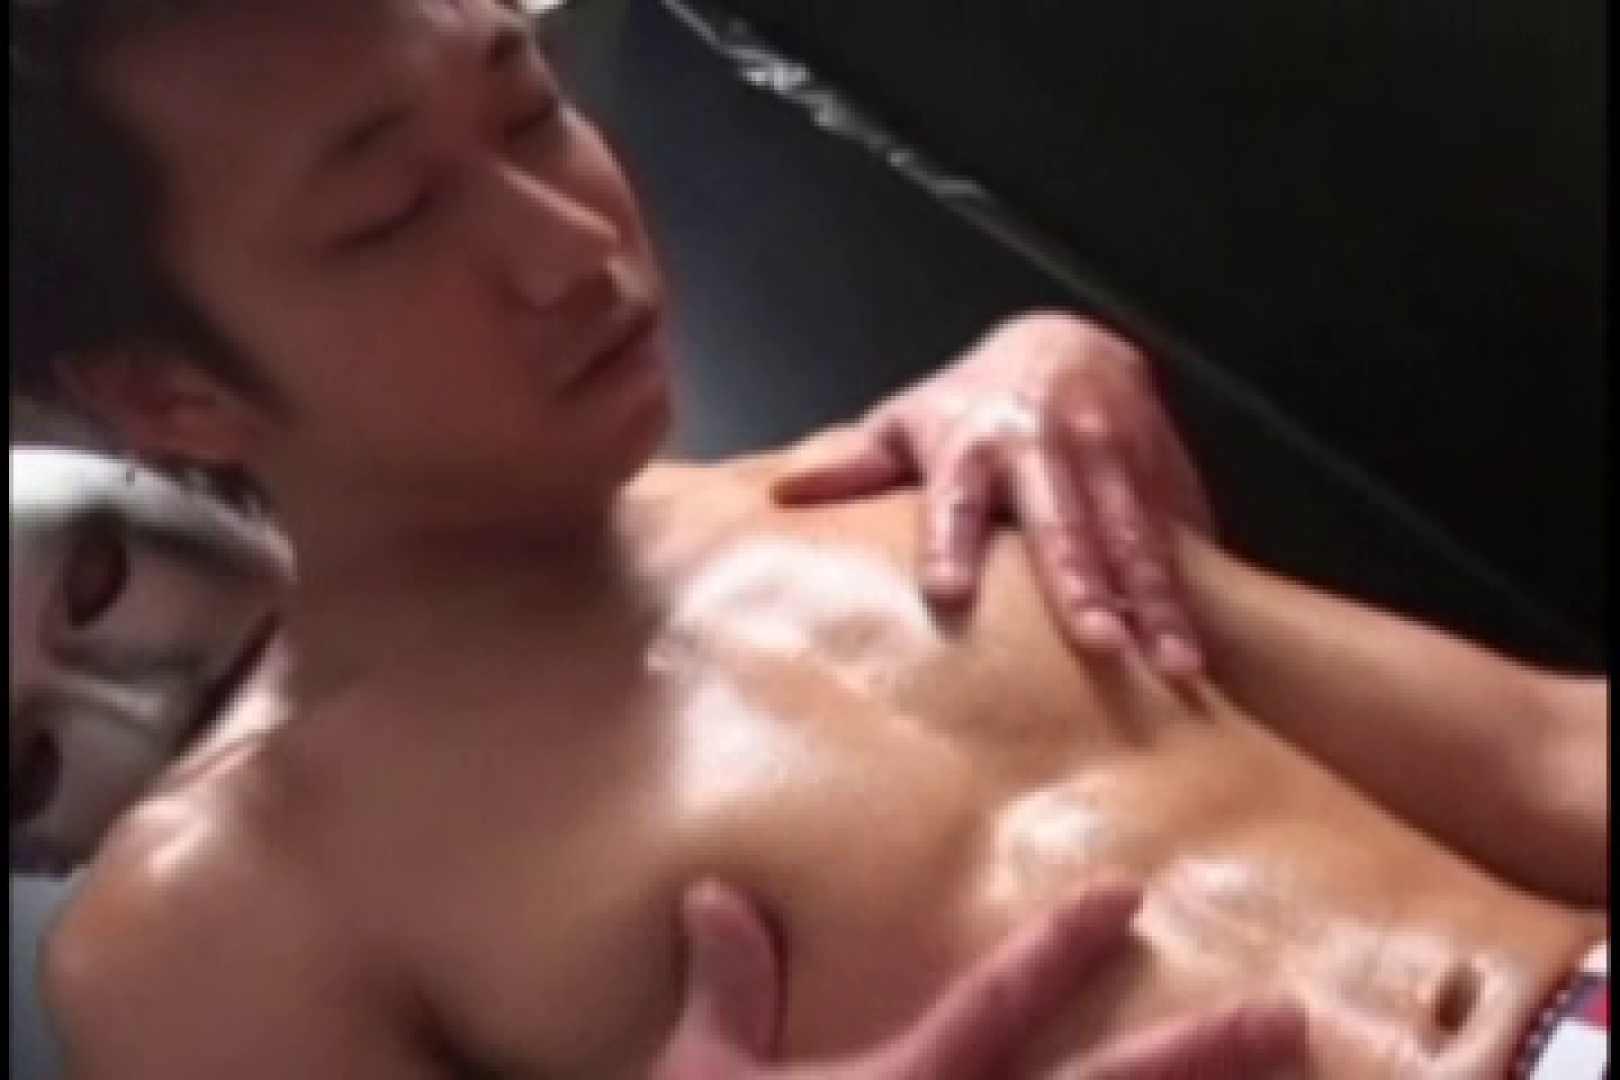 スリ筋!!スポメンのDANKON最高!!take.03 ケツマン  63pic 19